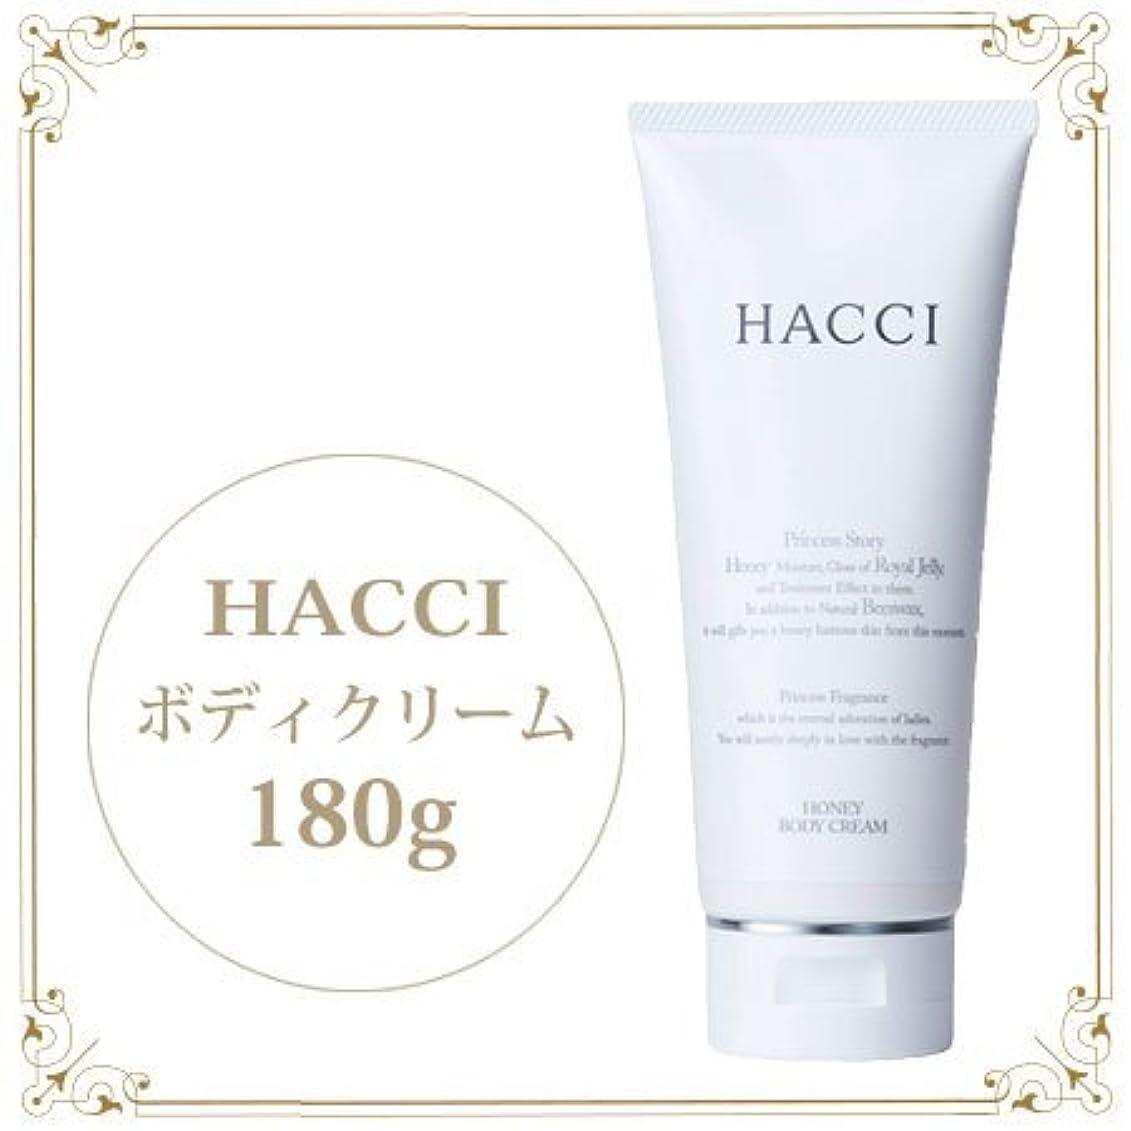 グリップ魔女理由ハッチ ボディクリーム 180g -HACCI 1912-